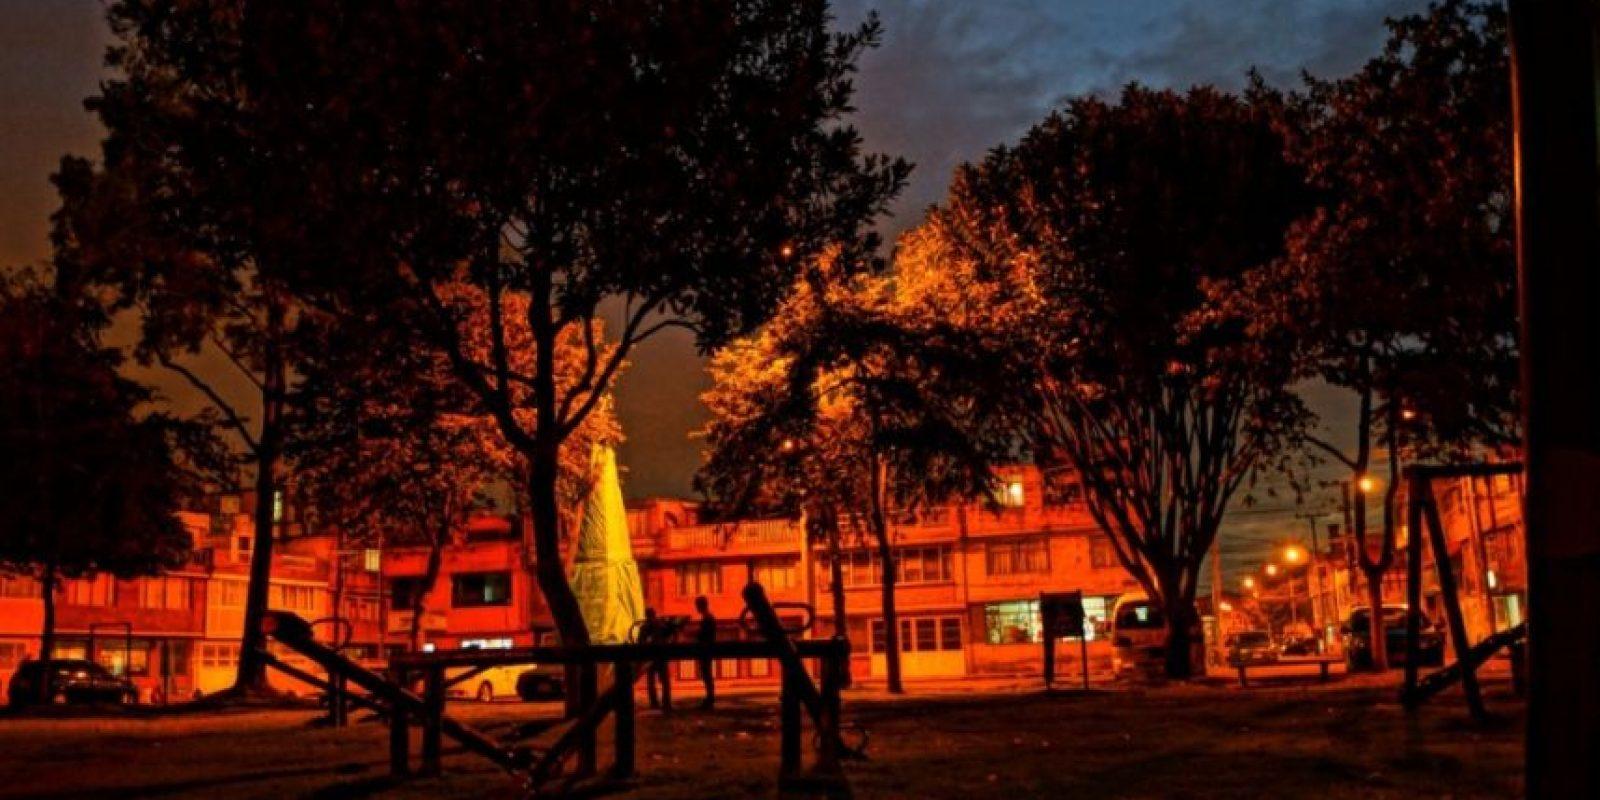 País: Colombia / Categoría: Alma de la Ciudad Foto:Óscar Giovanny Mancipe Medina